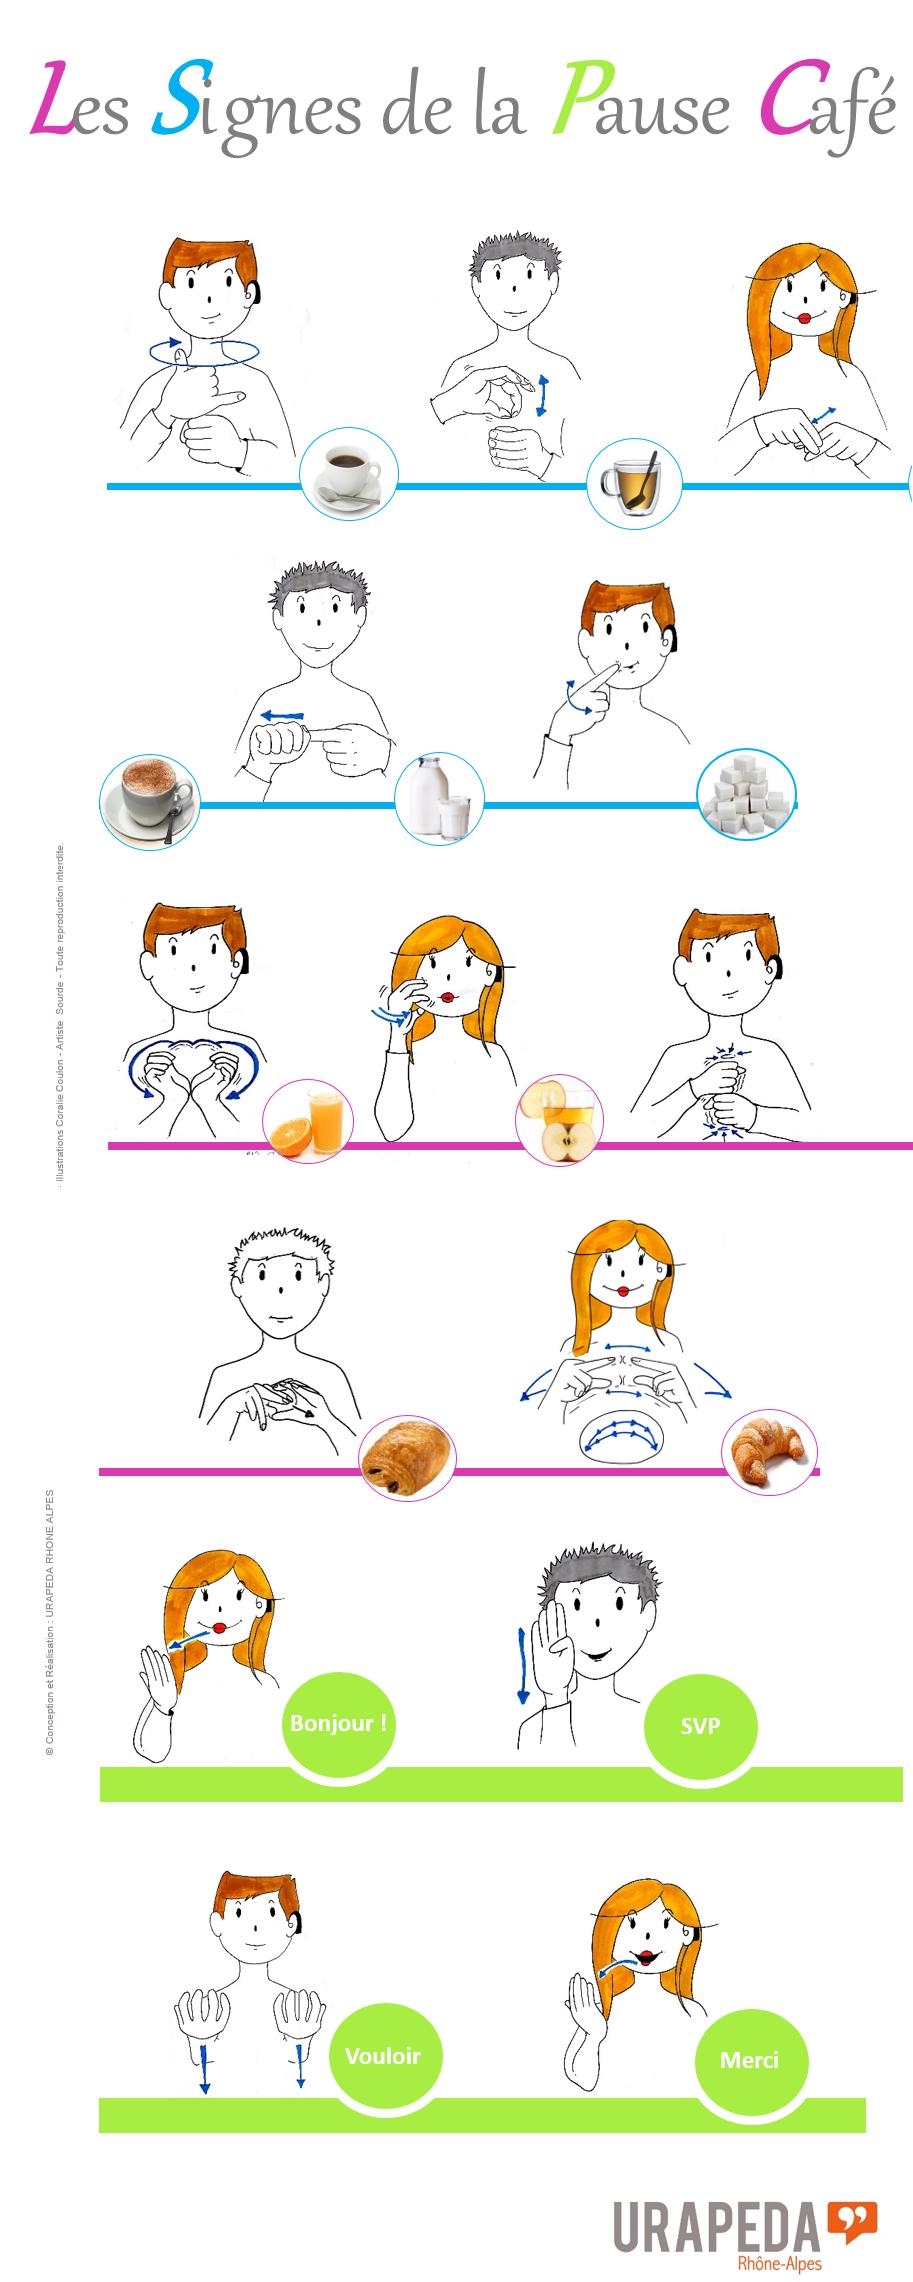 Les signes de la pause café. Chaque action est illustré par une image représentant le signe. Demander un café, un thé, un cappucino, du lait, du sucre, du jus d'orange, du jus de pomme, un pain au chocolat, un croissant. Bonjour, s'il vous plait, vouloir, merci.